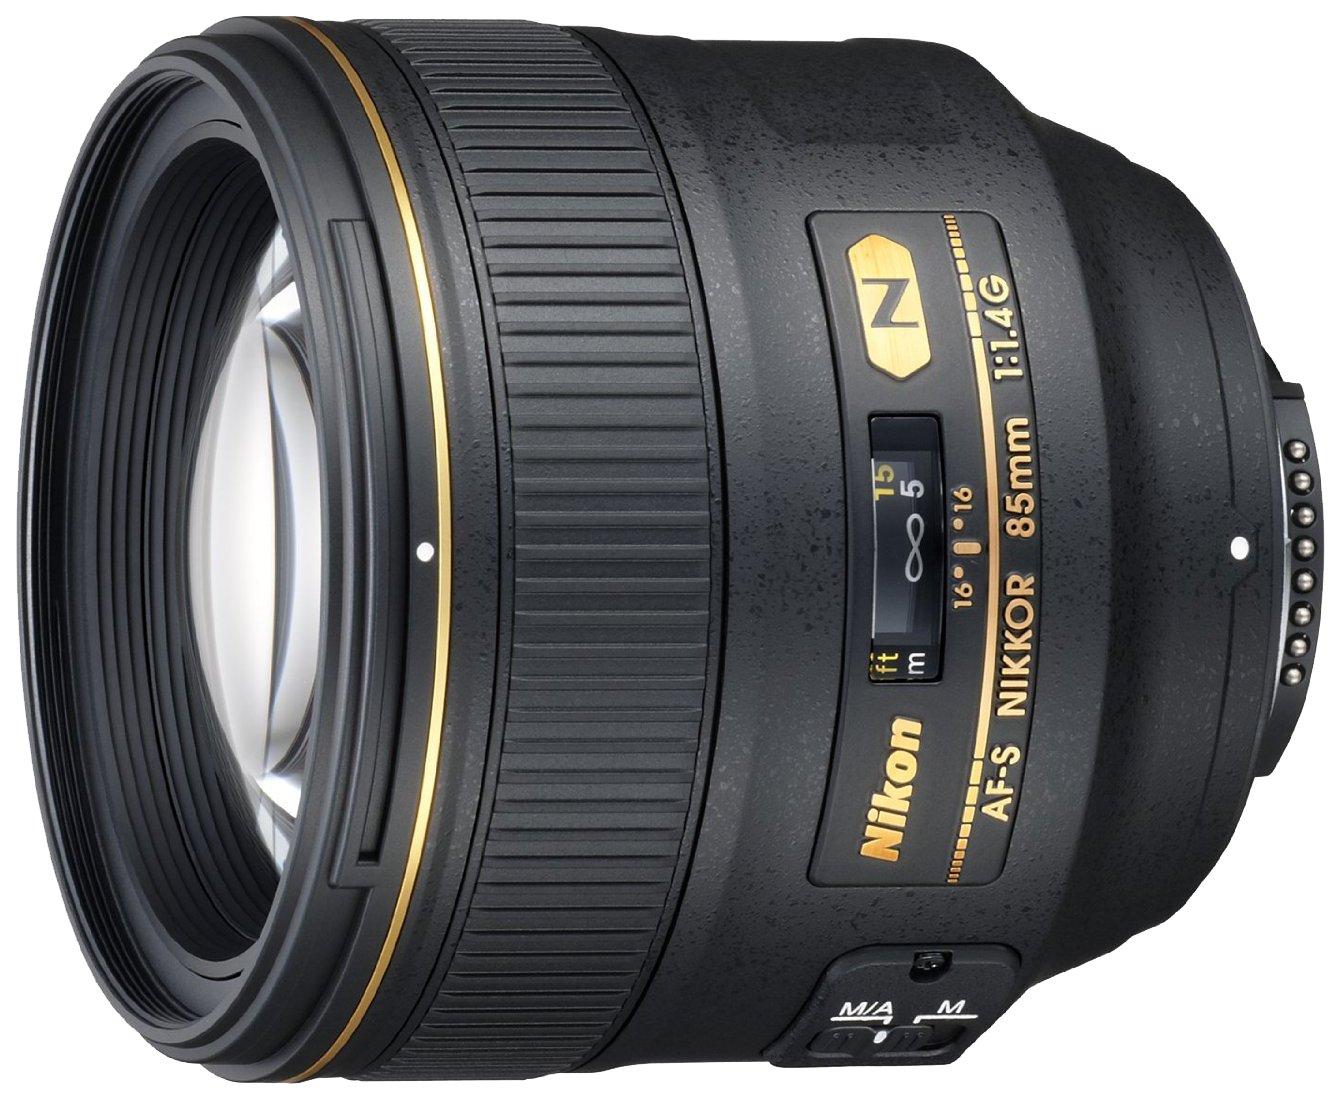 Nikon Nikkor AF-S 85mm f1.4